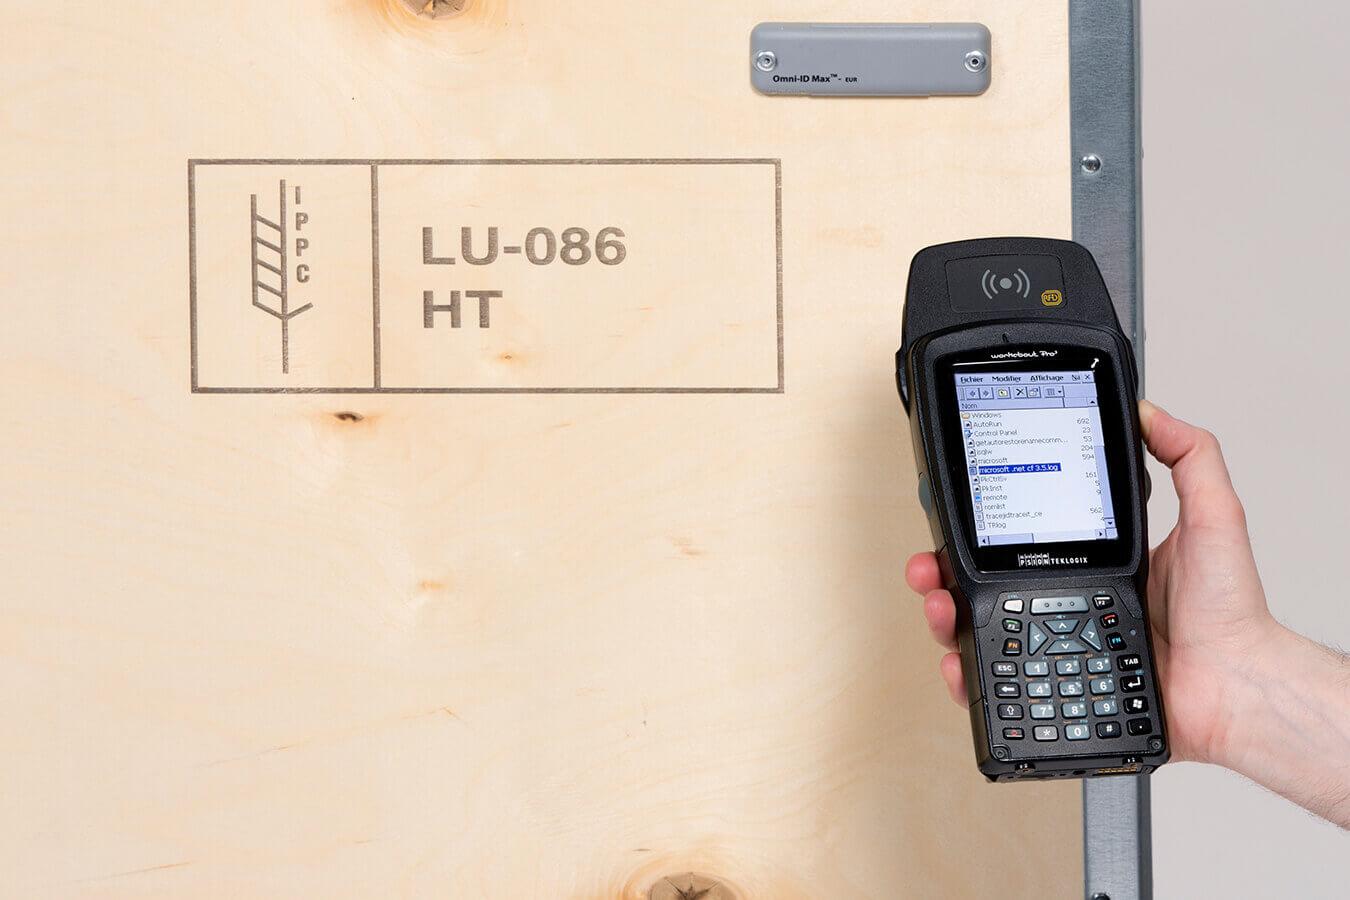 Tous les emballages industriels réalisés par AllPack Services peuvent être équipés d'un système d'identification par radiofréquence (RFID)